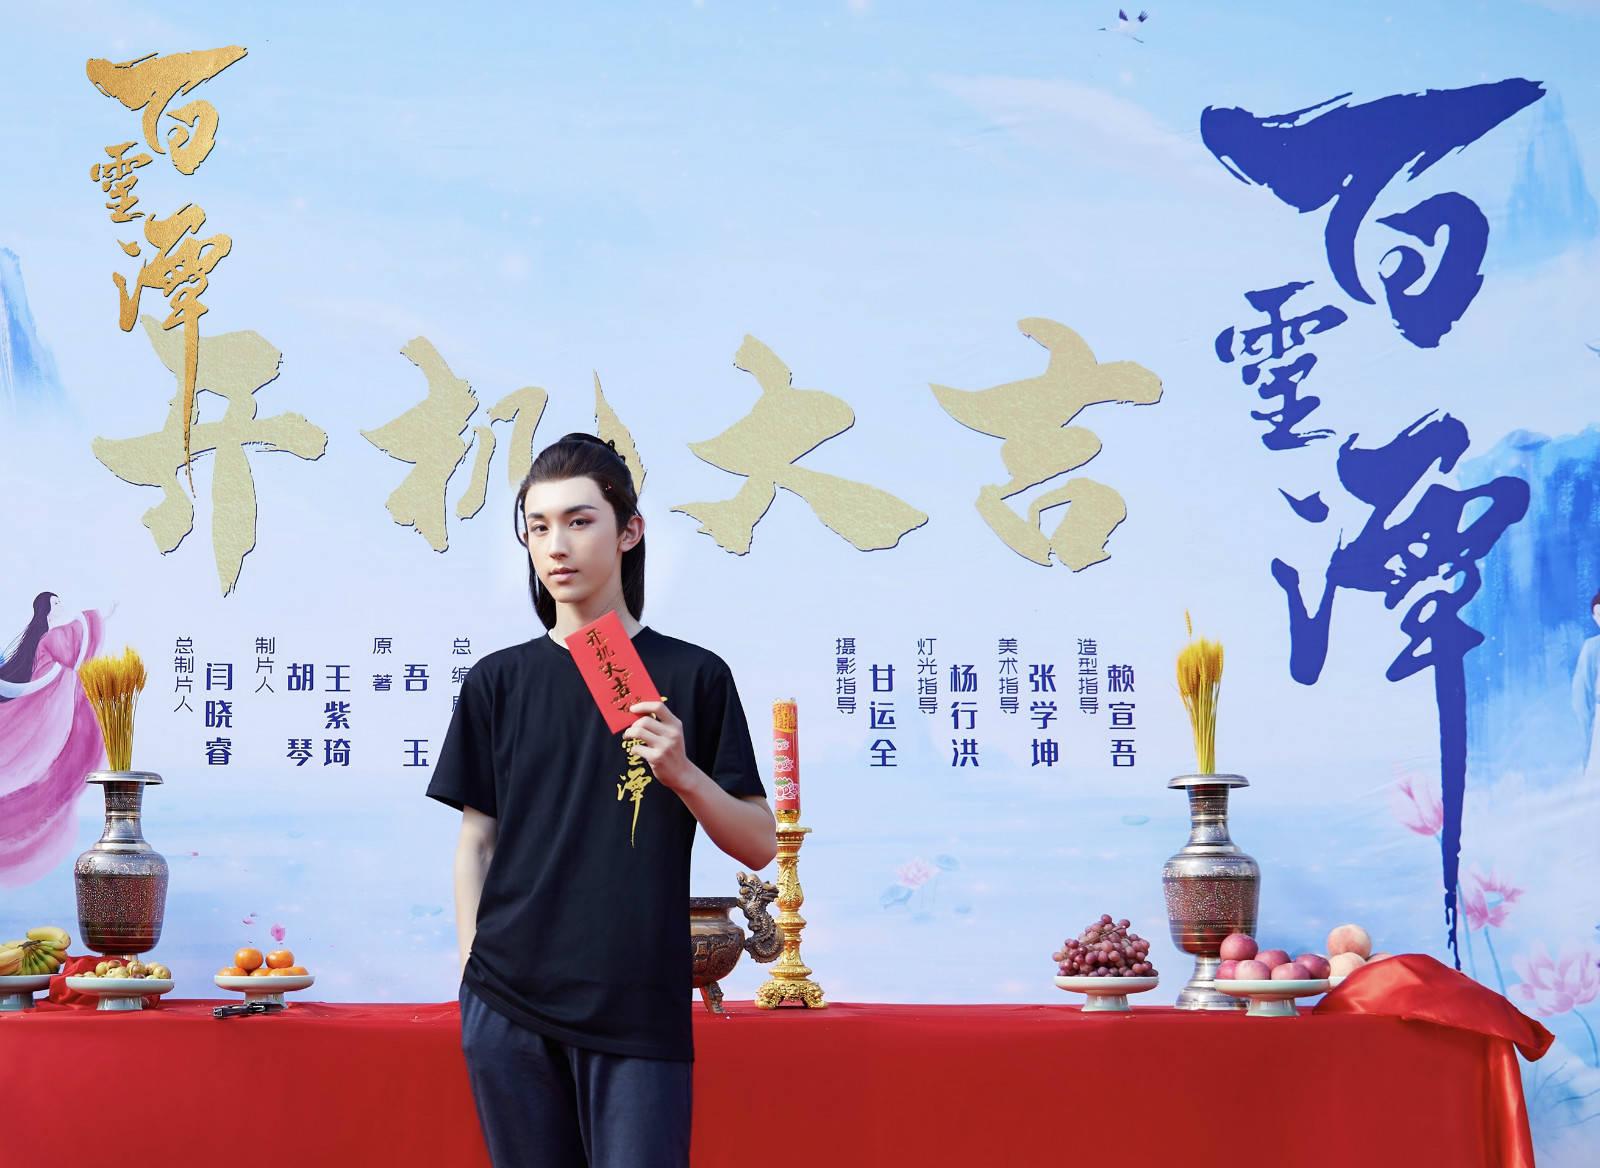 《百灵潭》今日开机 郭俊辰康宁开启收集宿书的神话旅程